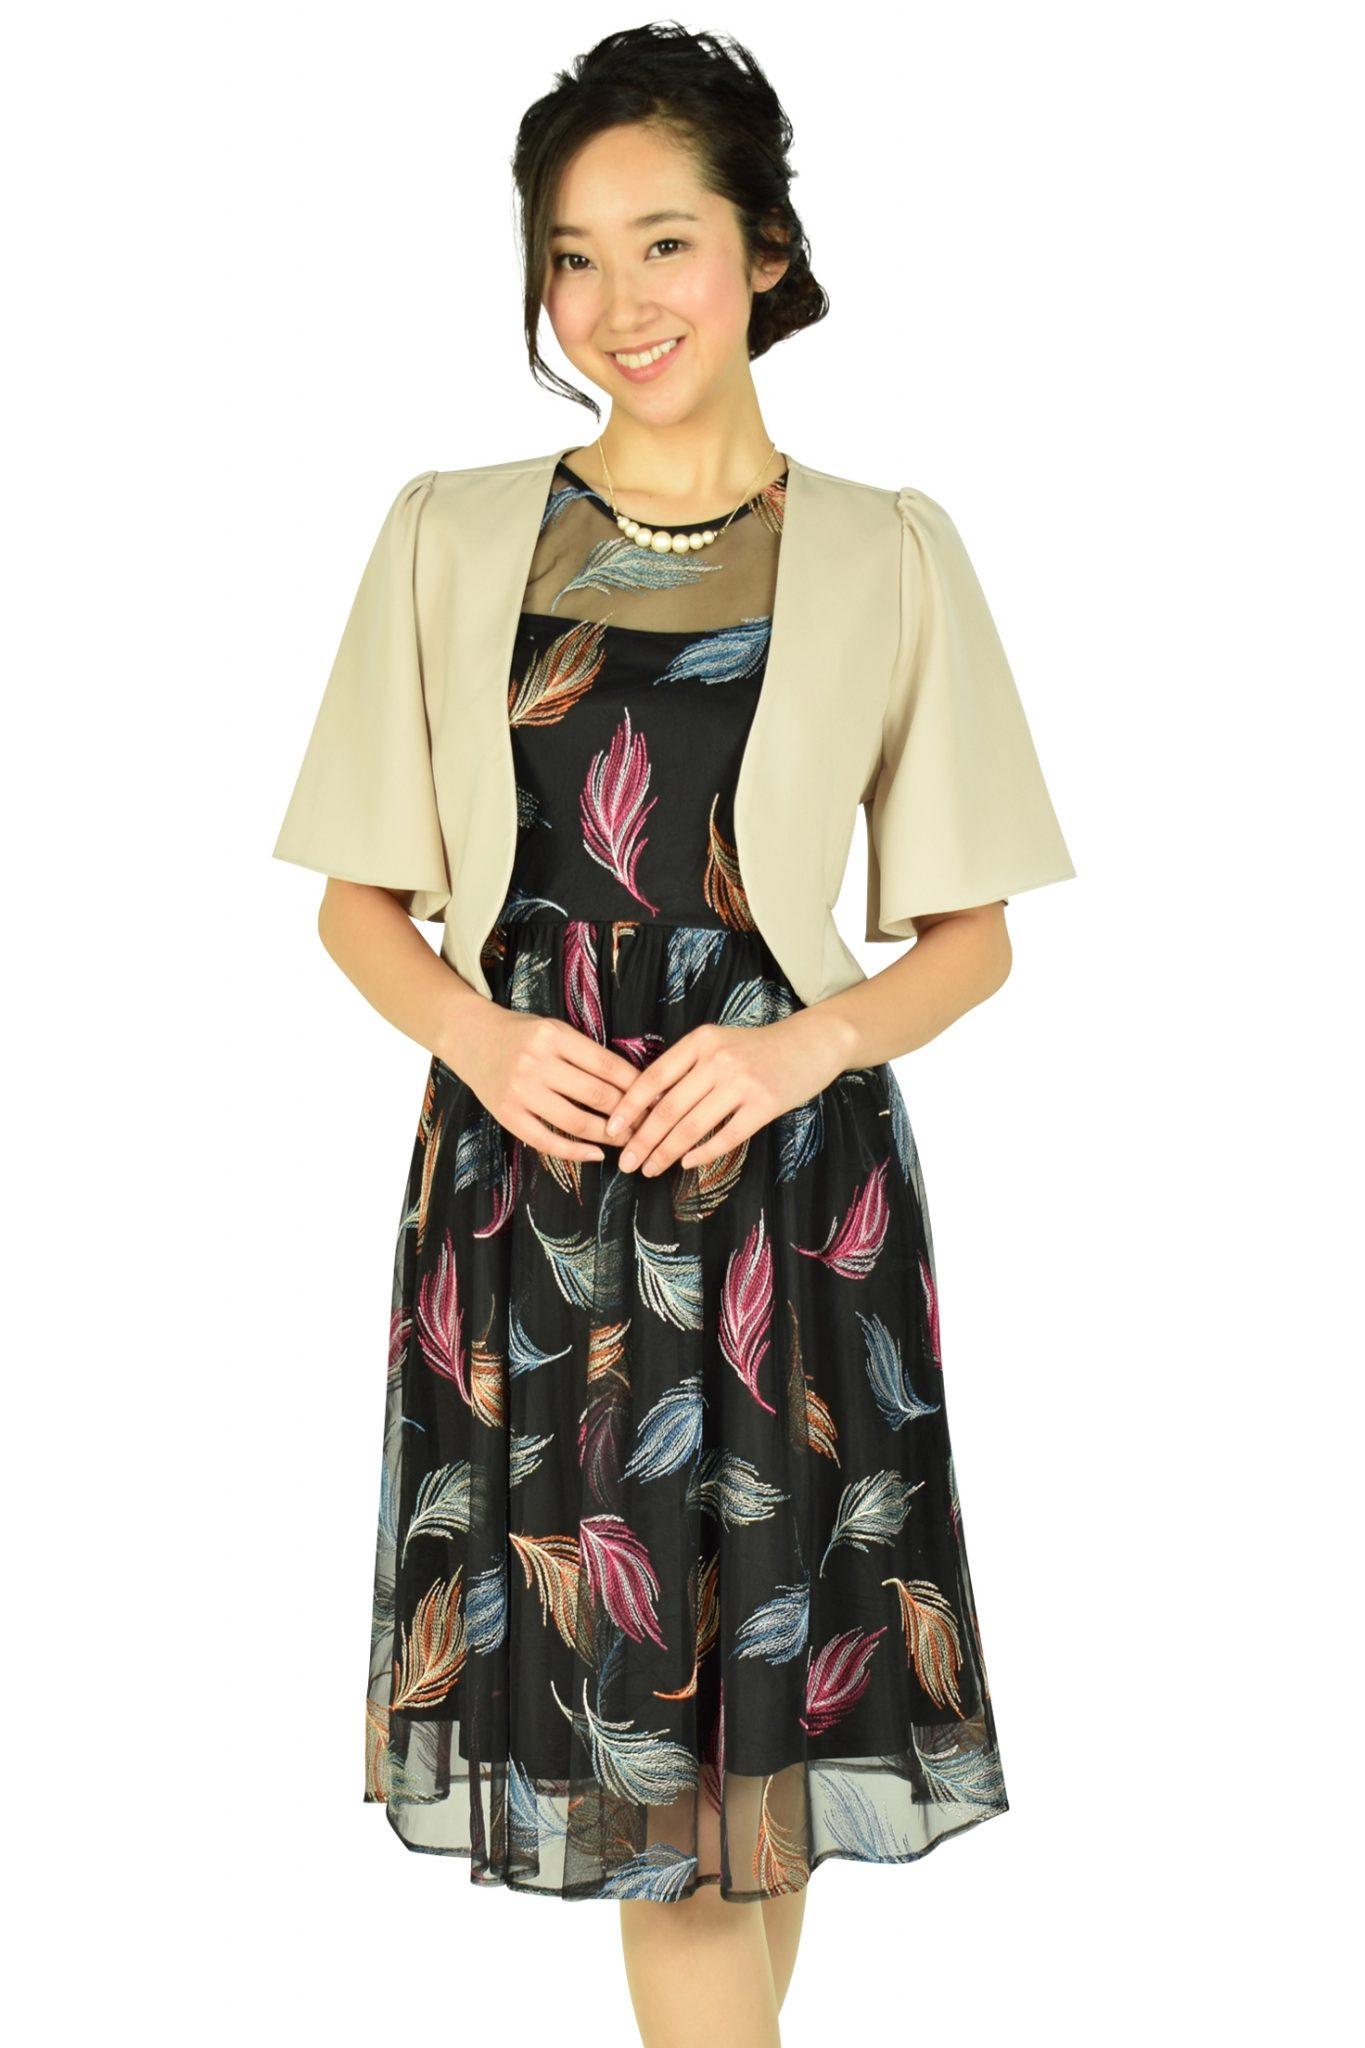 カルバンクライン (Calvin Klein)マルチ羽刺繍ブラックドレスセット